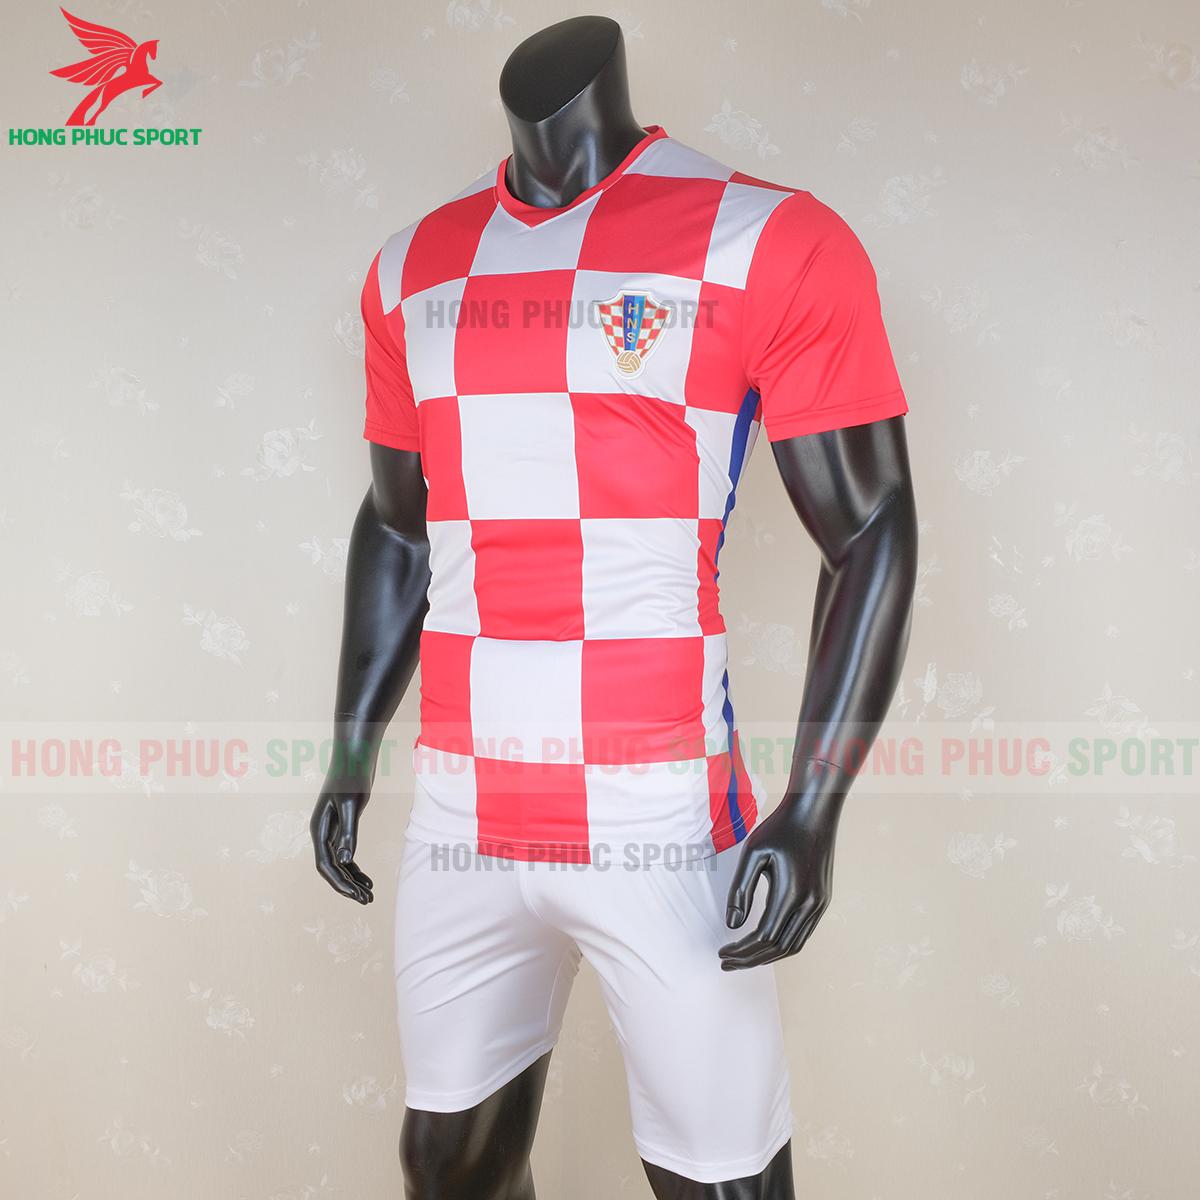 https://cdn.hongphucsport.com/unsafe/s4.shopbay.vn/files/285/ao-bong-da-tuyen-croatia-2020-san-nha-mau-1-6-5f7147c5ca169.png